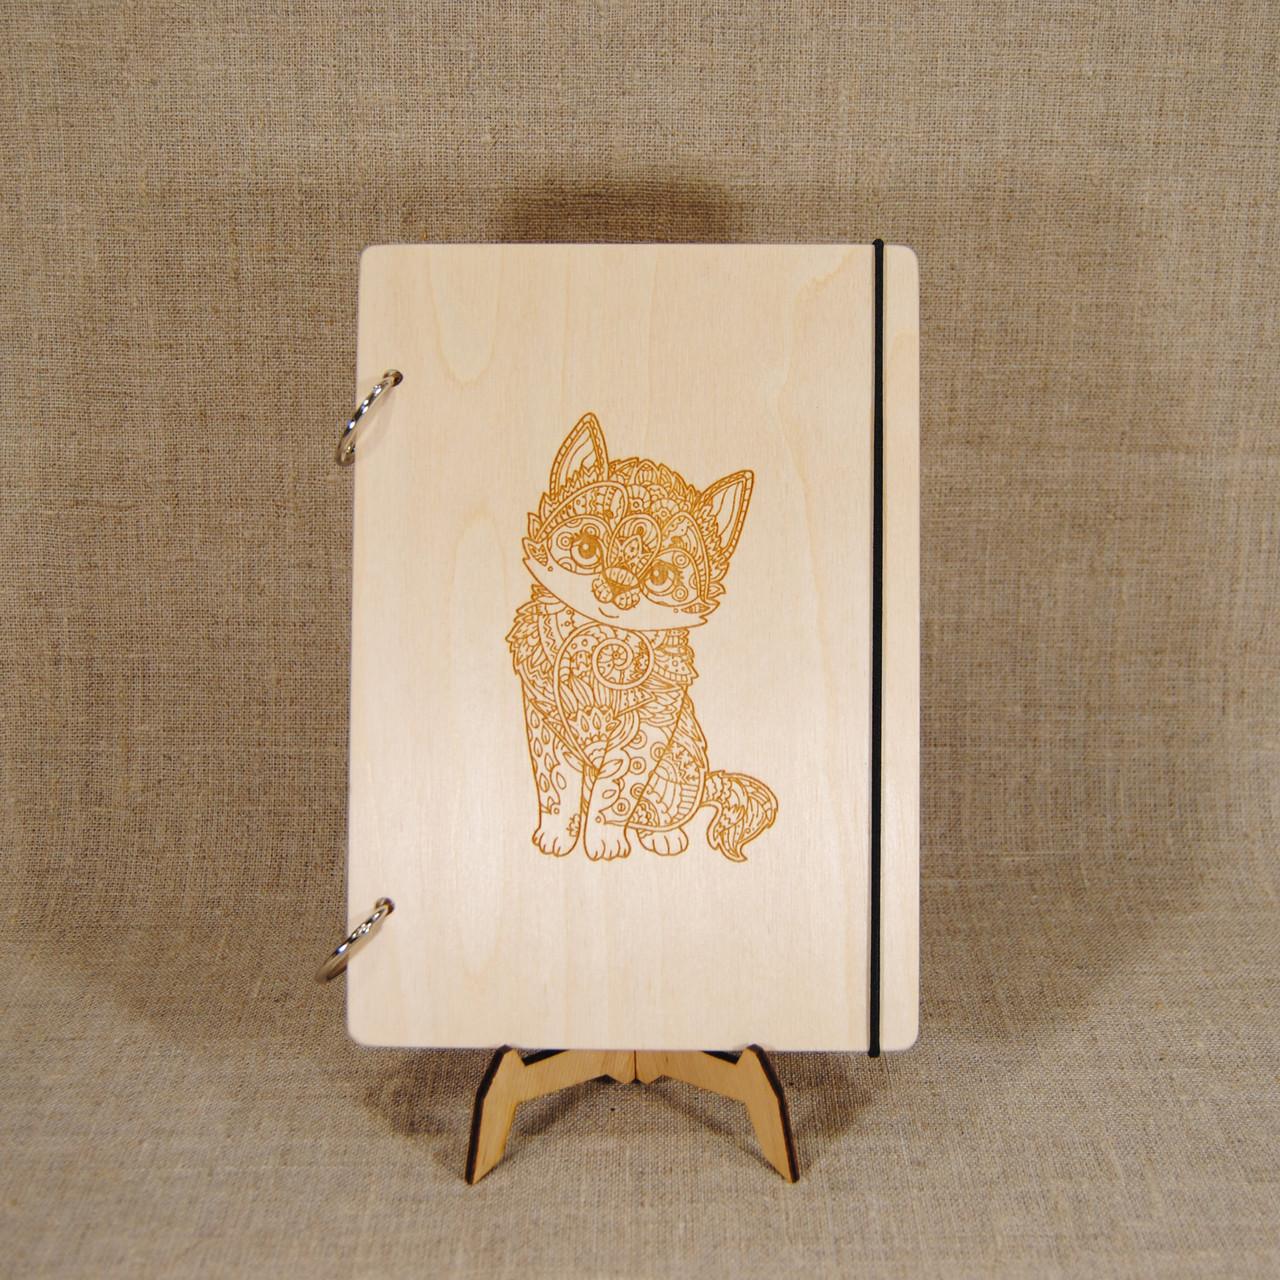 Скетчбук A6. Блокнот с деревянной обложкой.